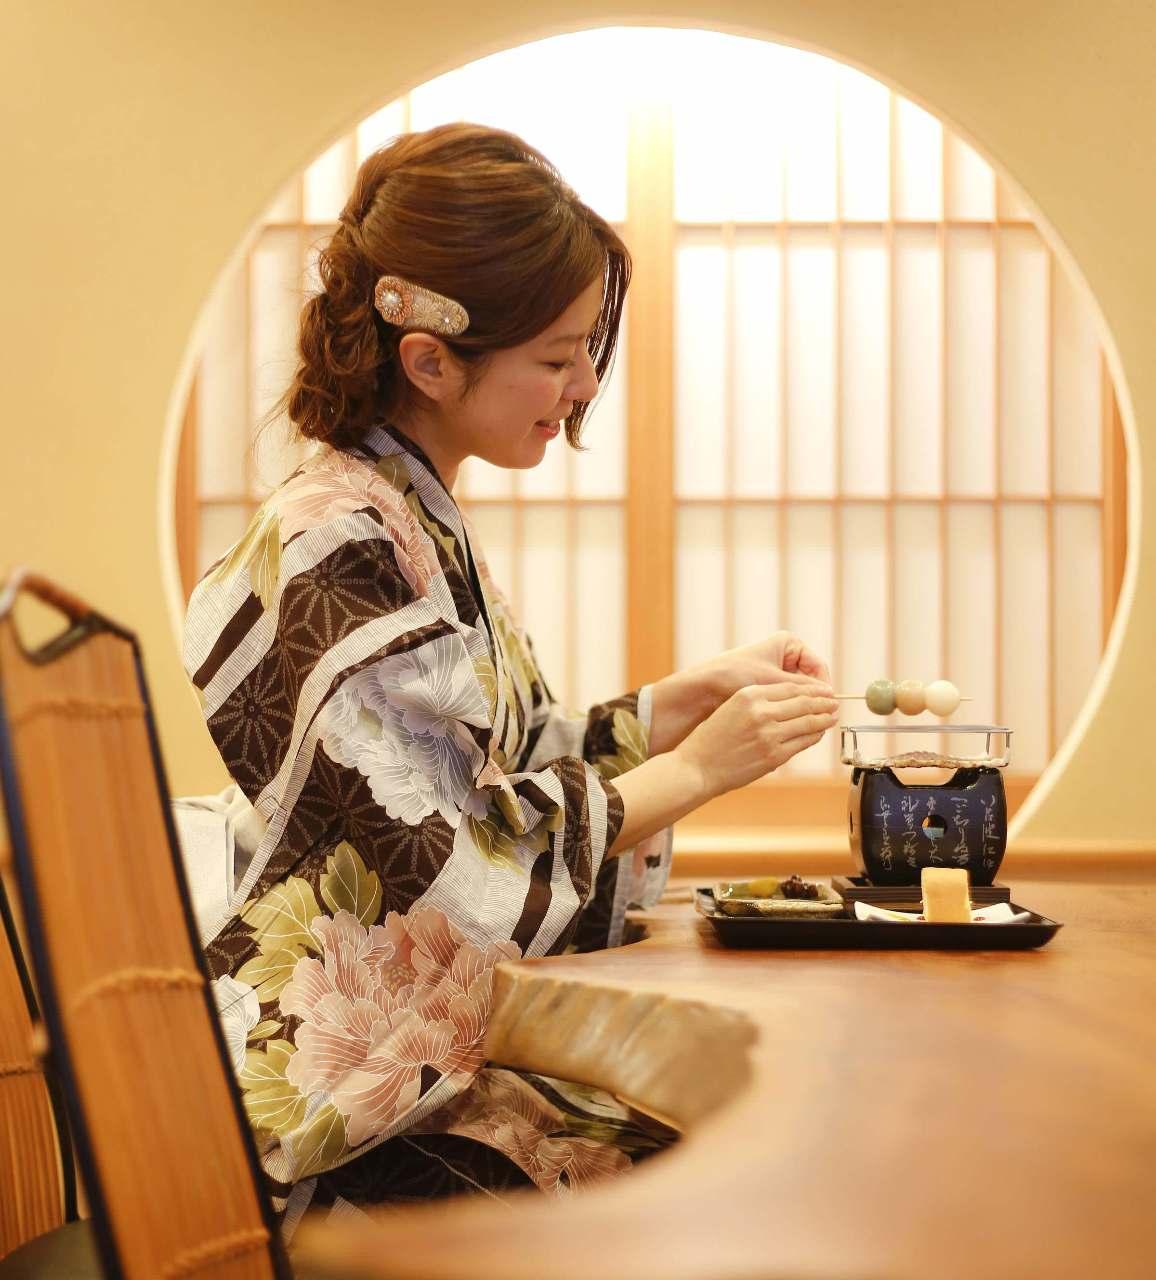 城崎温泉 cafe M's style 〜なごみ〜